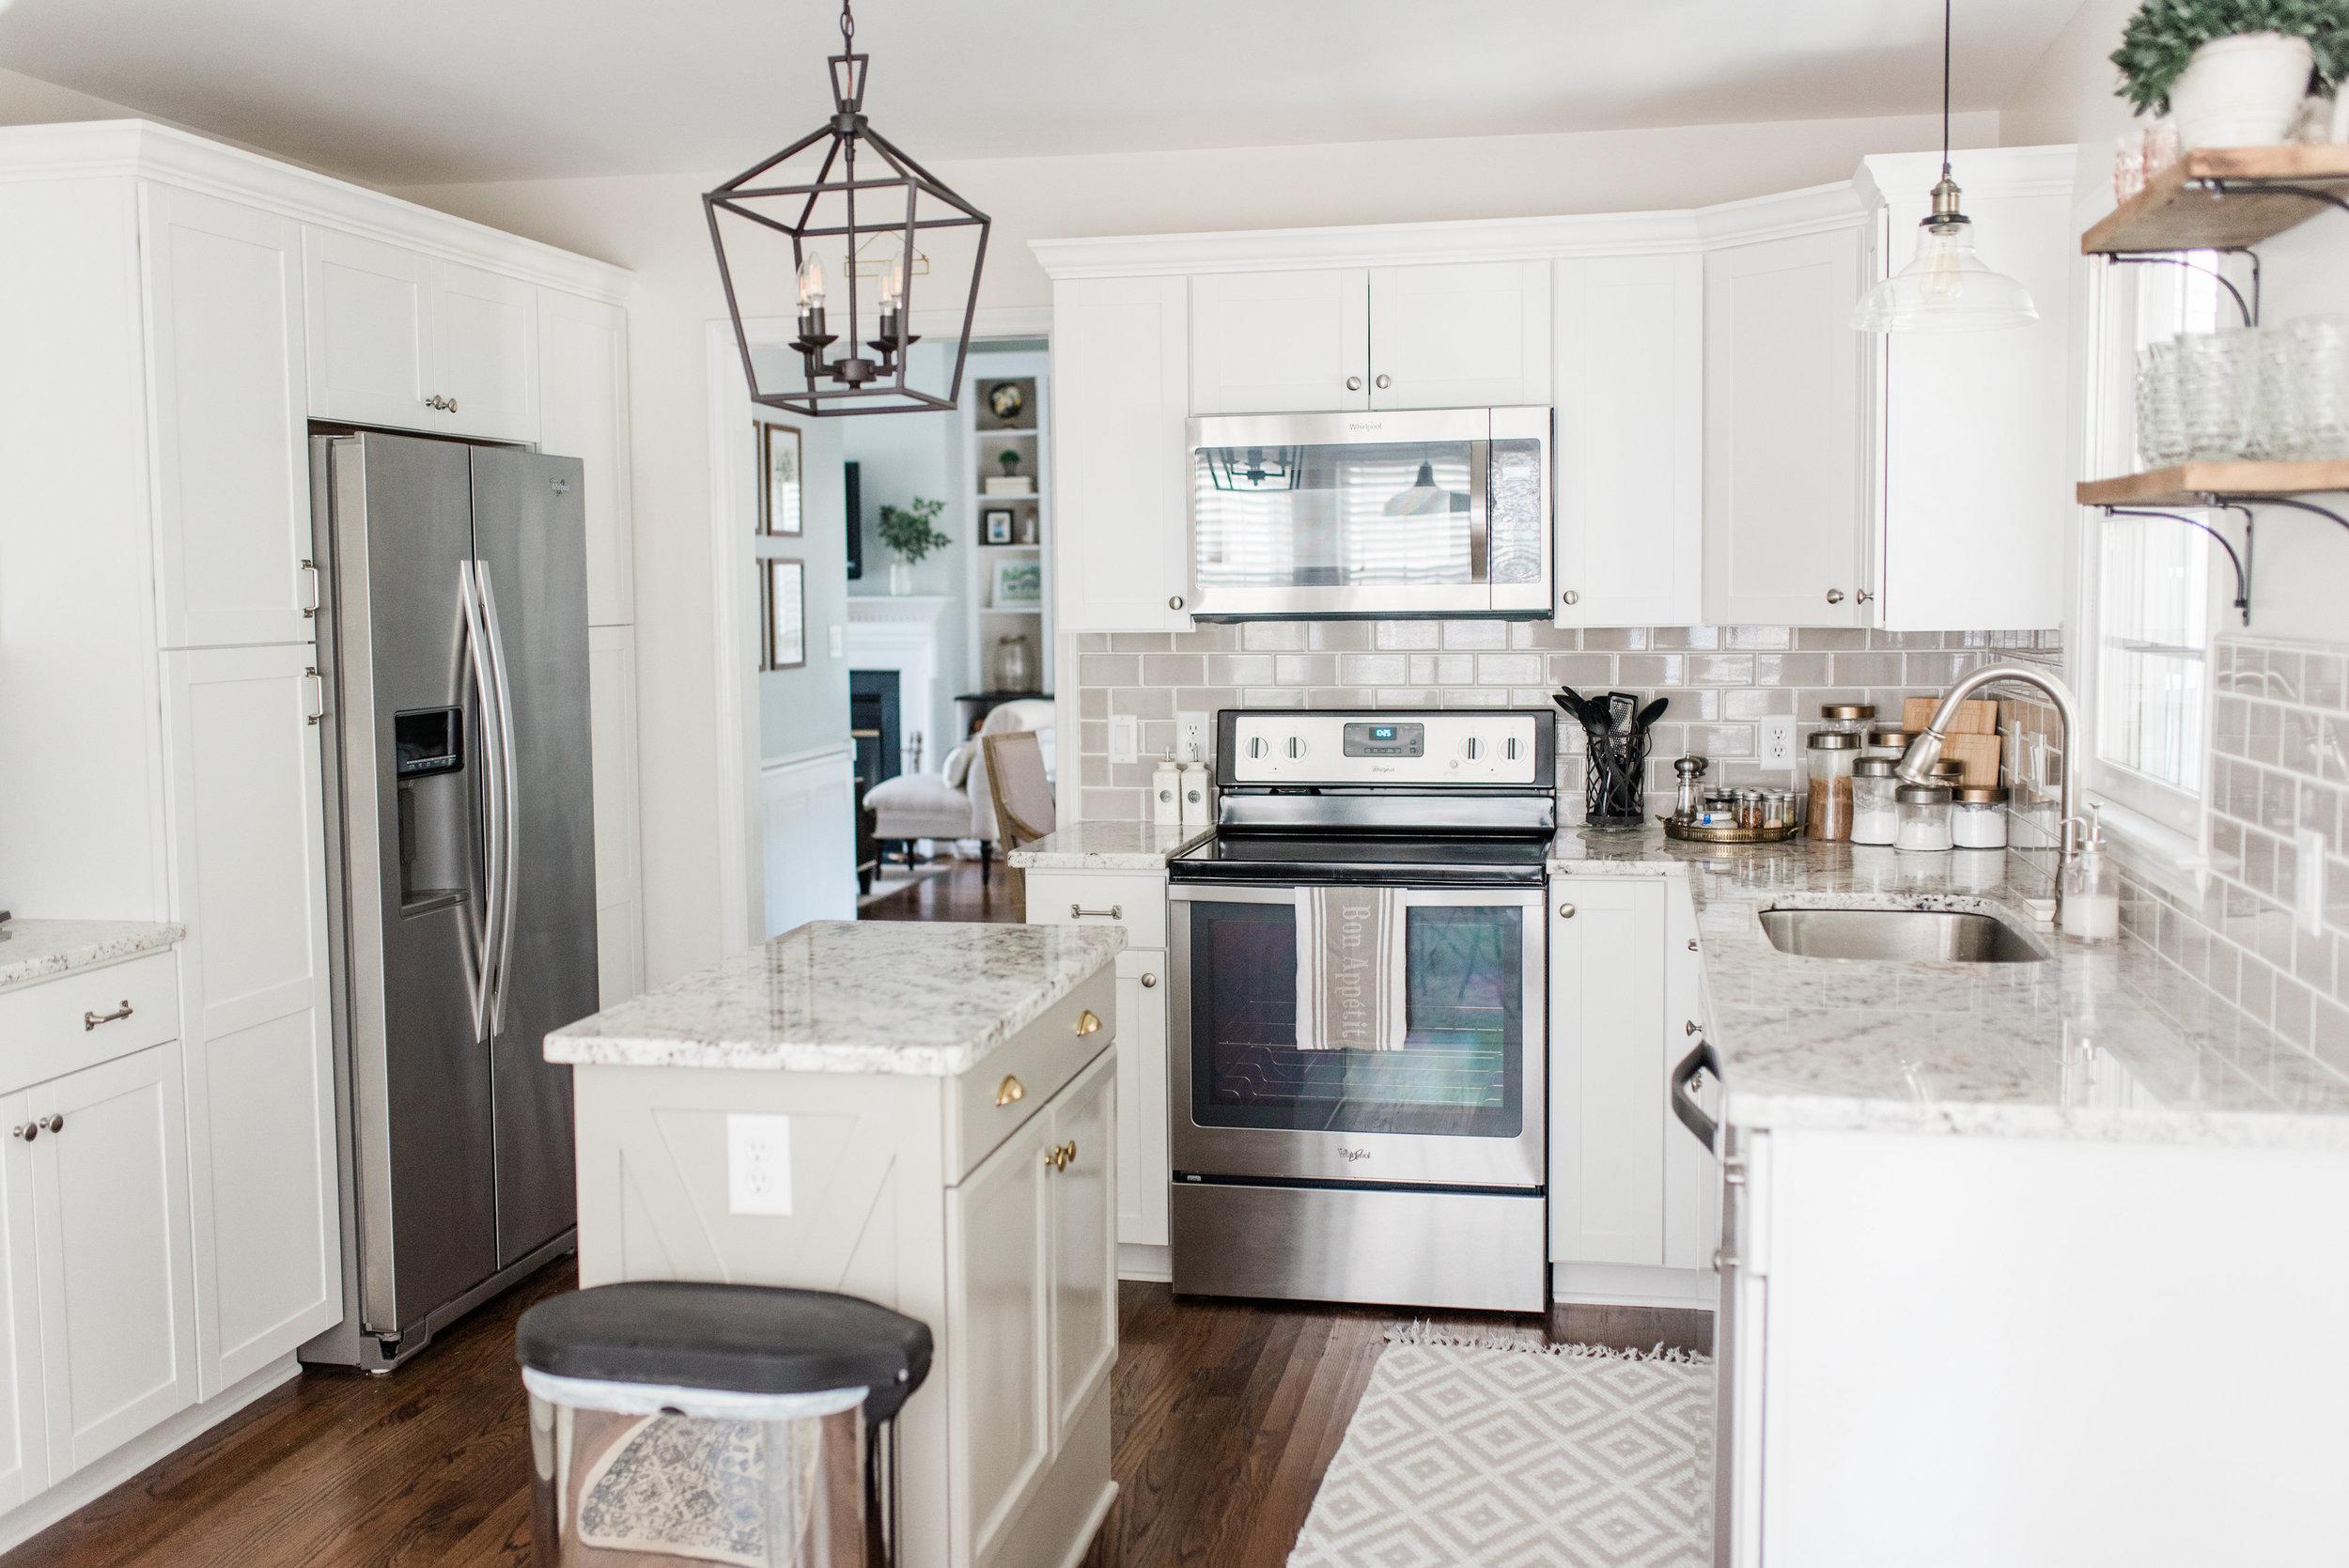 Elizabeth Burns Design | DIY Kitchen Island X Trim - Cheap Cabinet Makeover